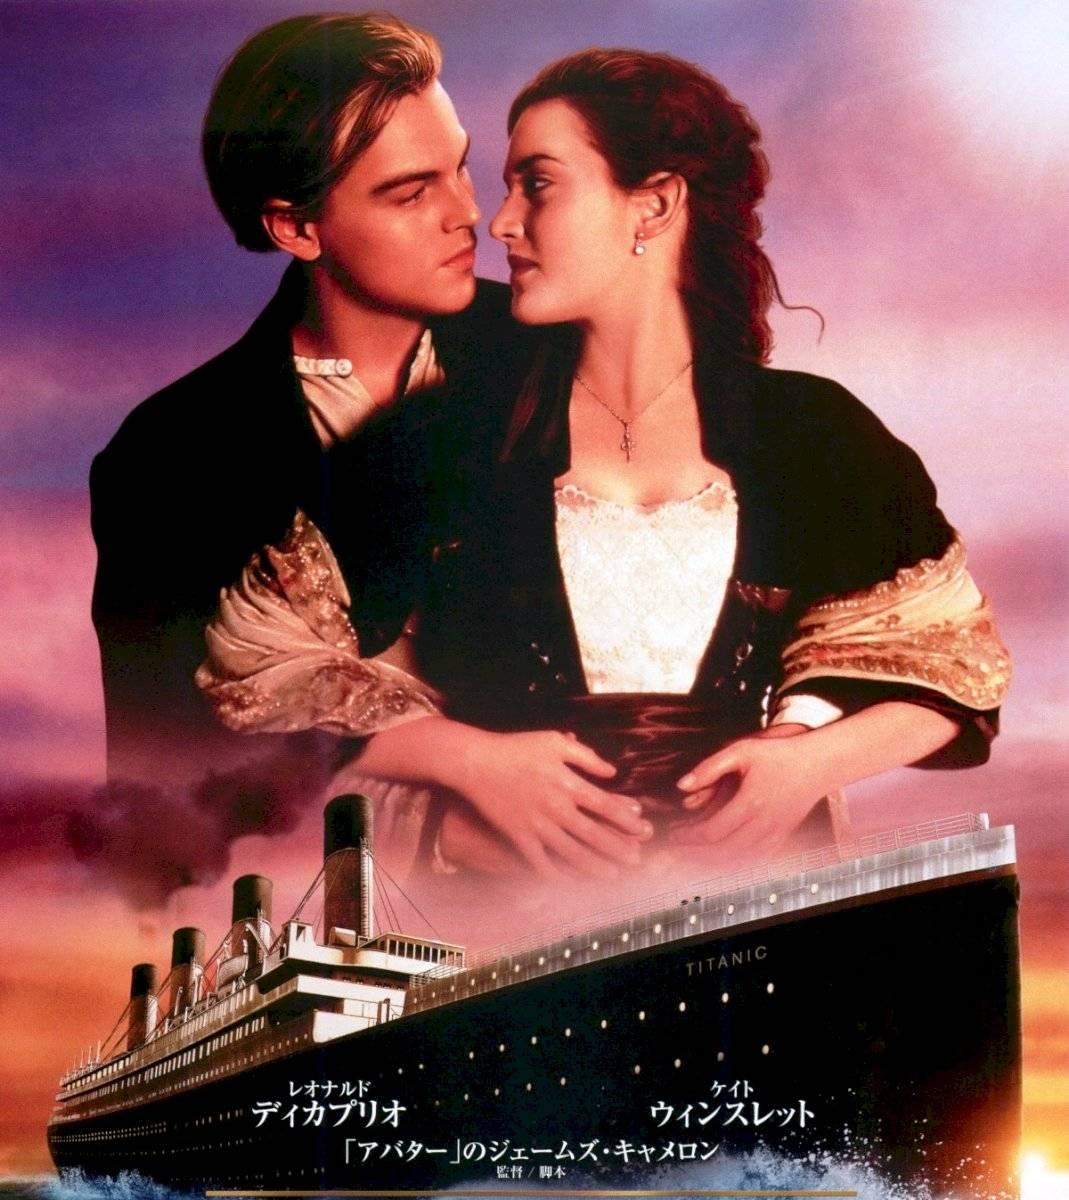 Titanic se convirtió en la cinta más costosa y taquillera en su momento